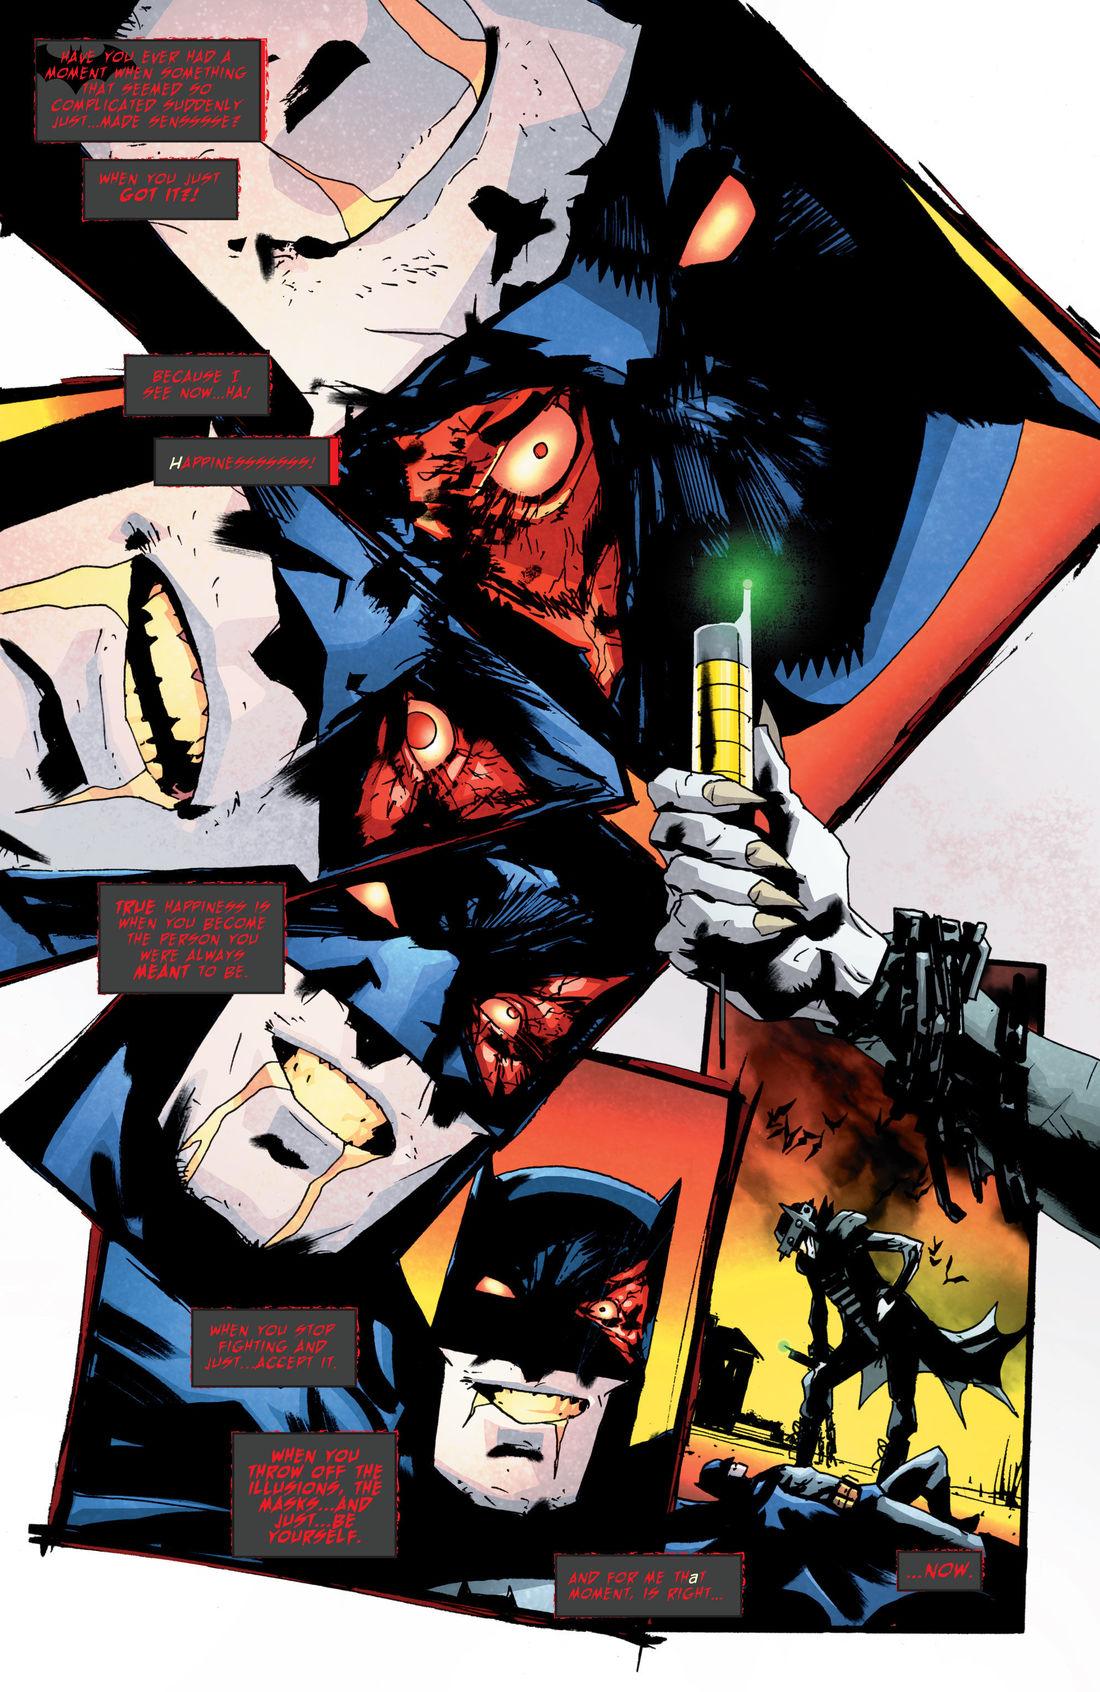 THE-BATMAN-WHO-LAUGHS-7-1_0